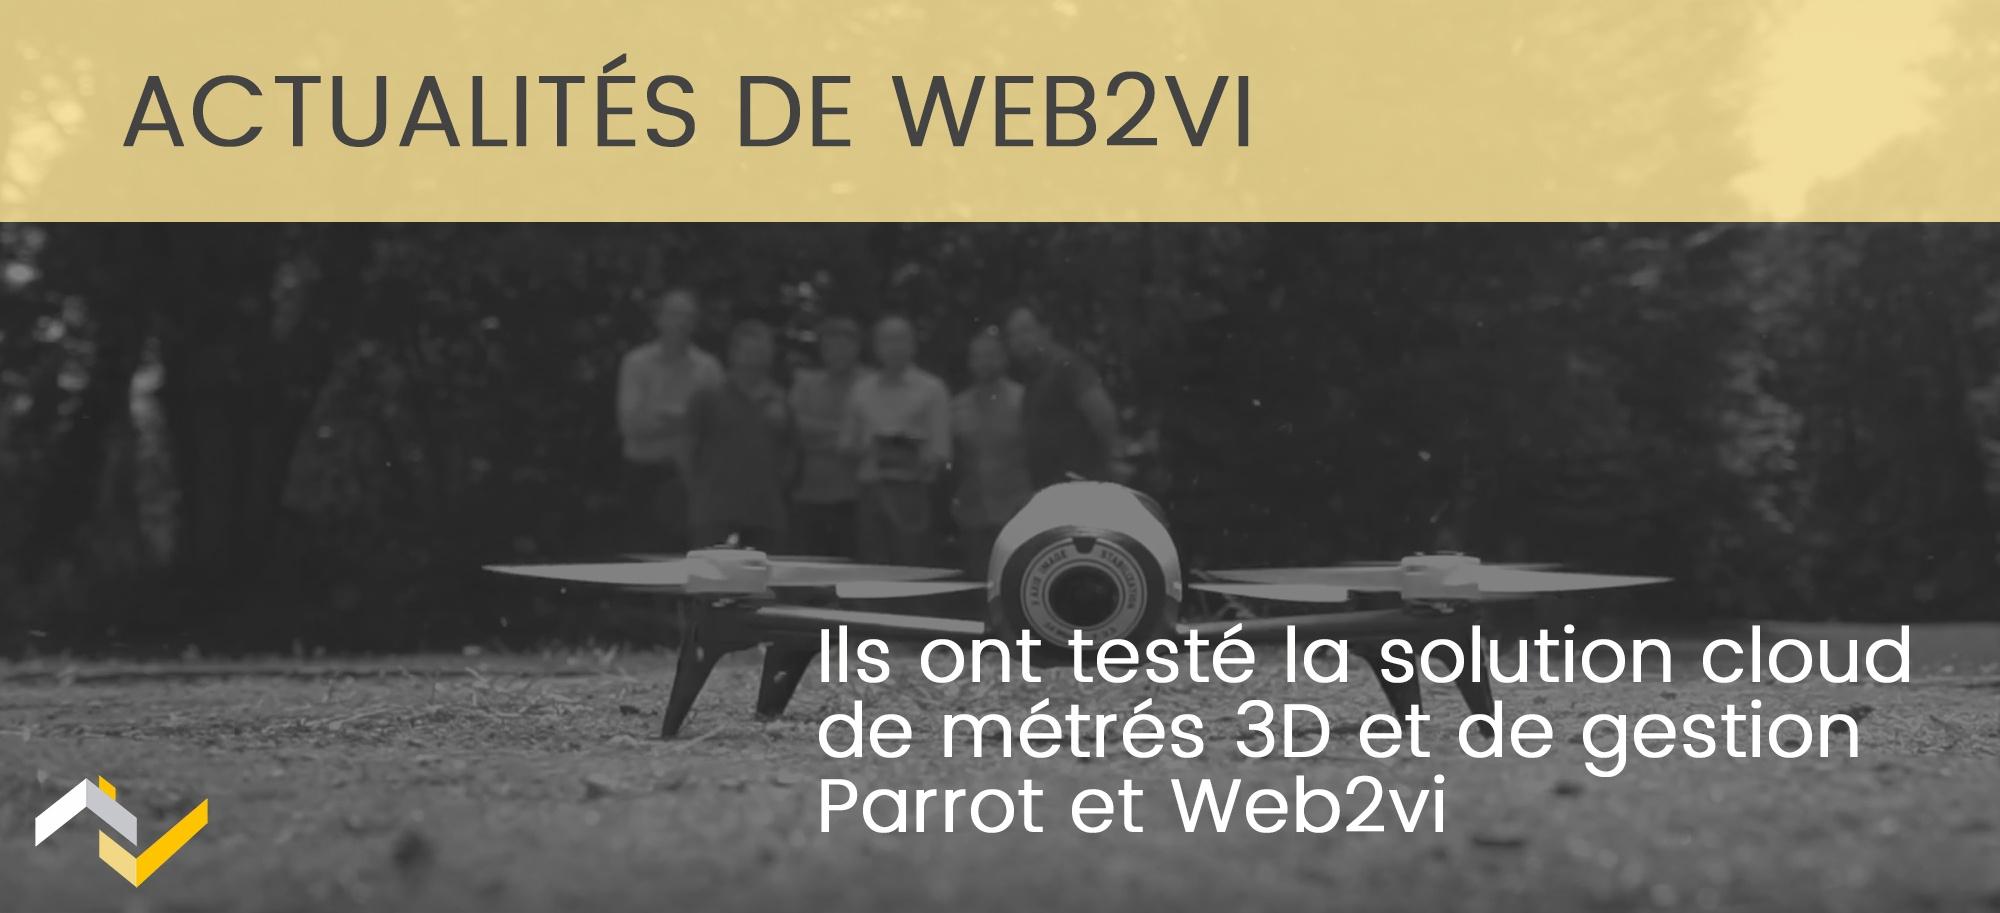 Ils ont testé la solution cloud de métré3D par drone Parrot et Web2vi